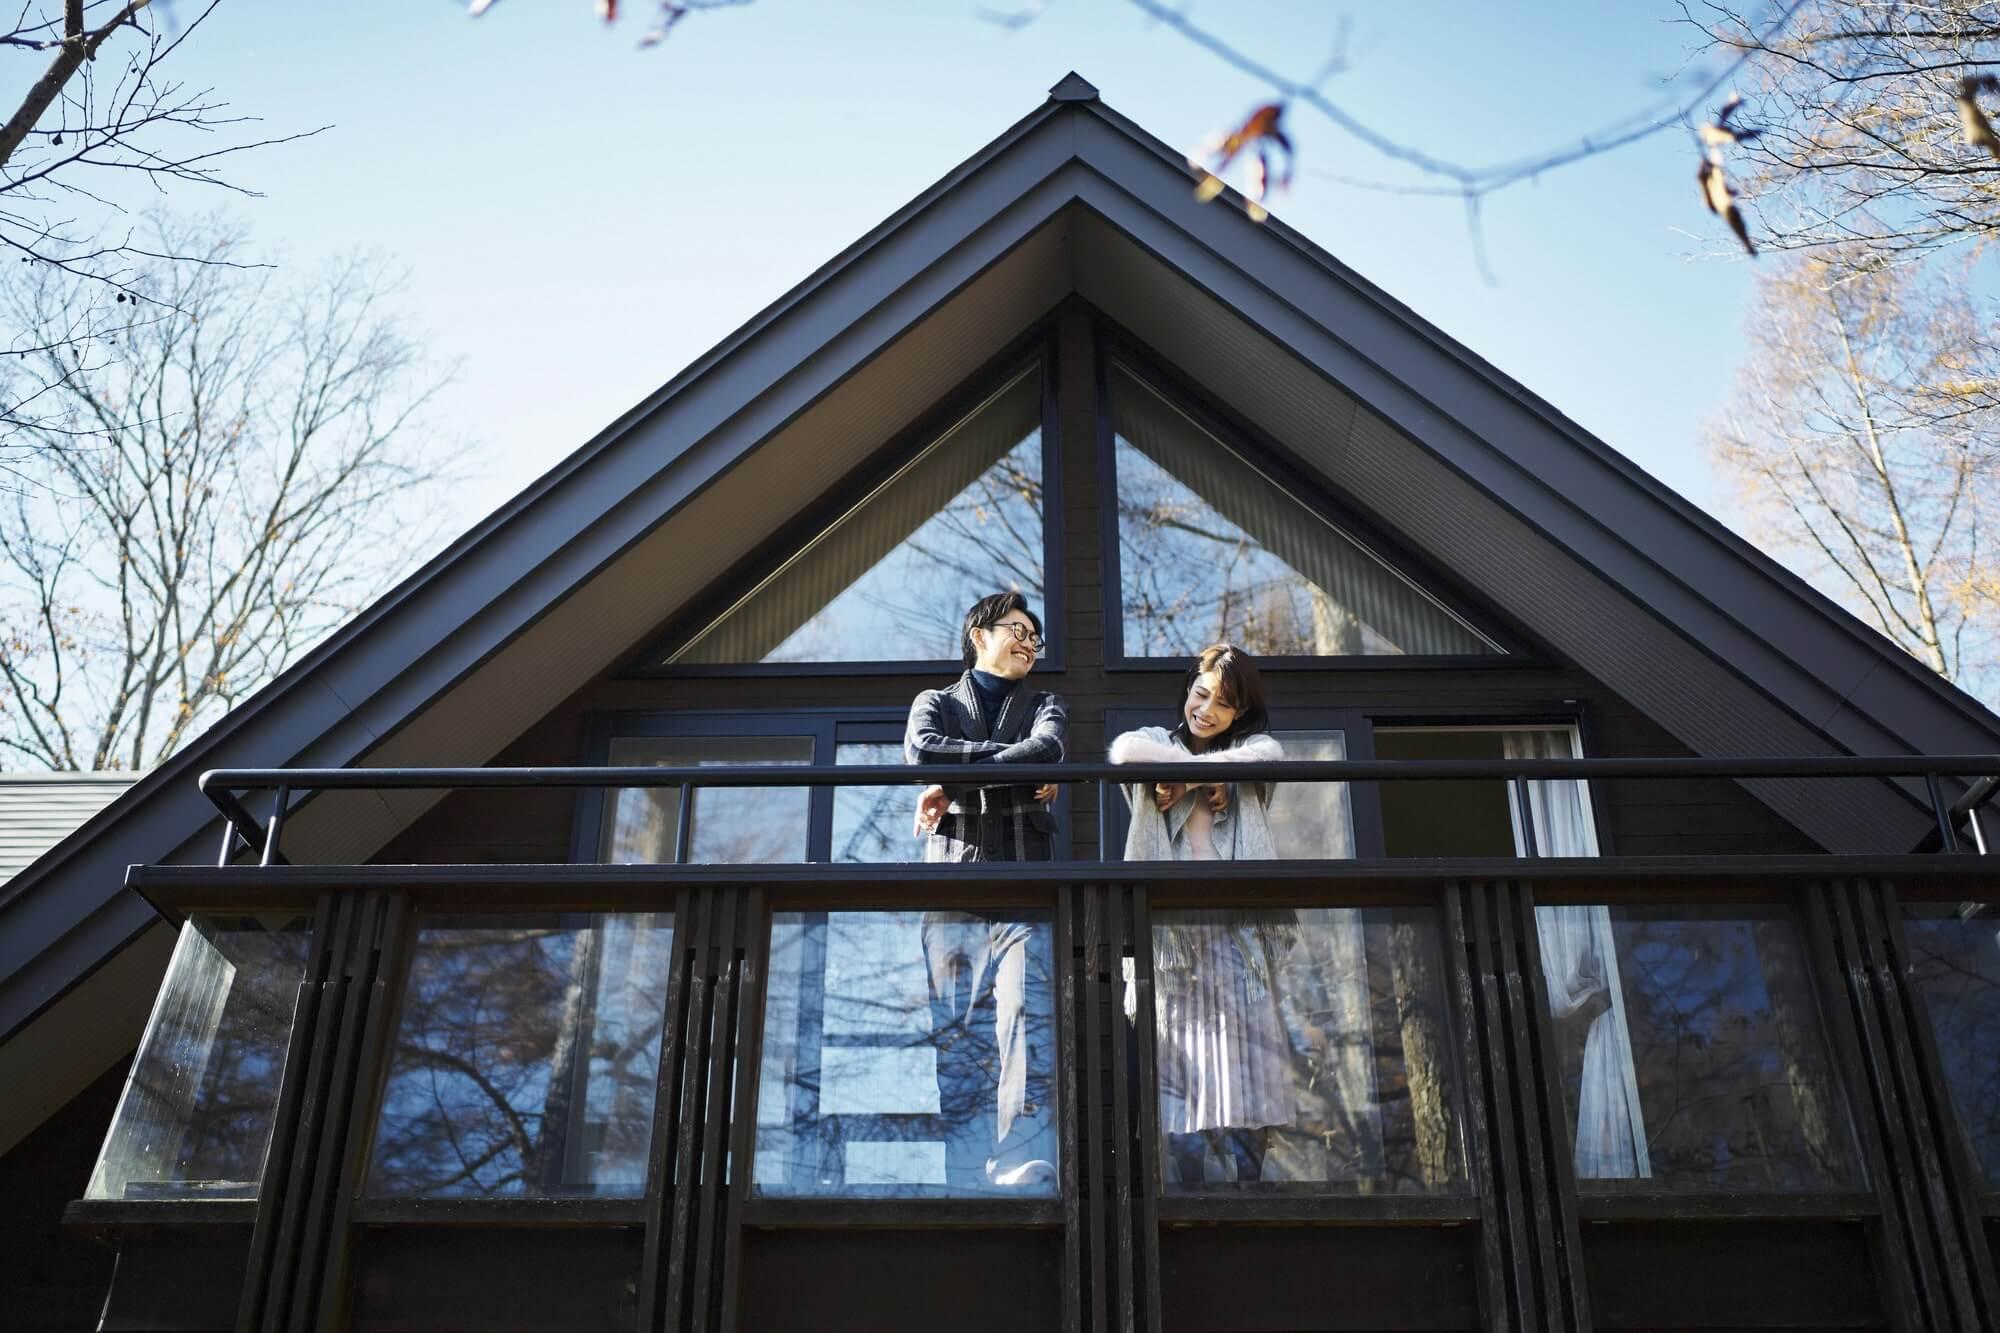 賃貸やセカンドハウスに使える?2件目の住宅ローンを組む方法について